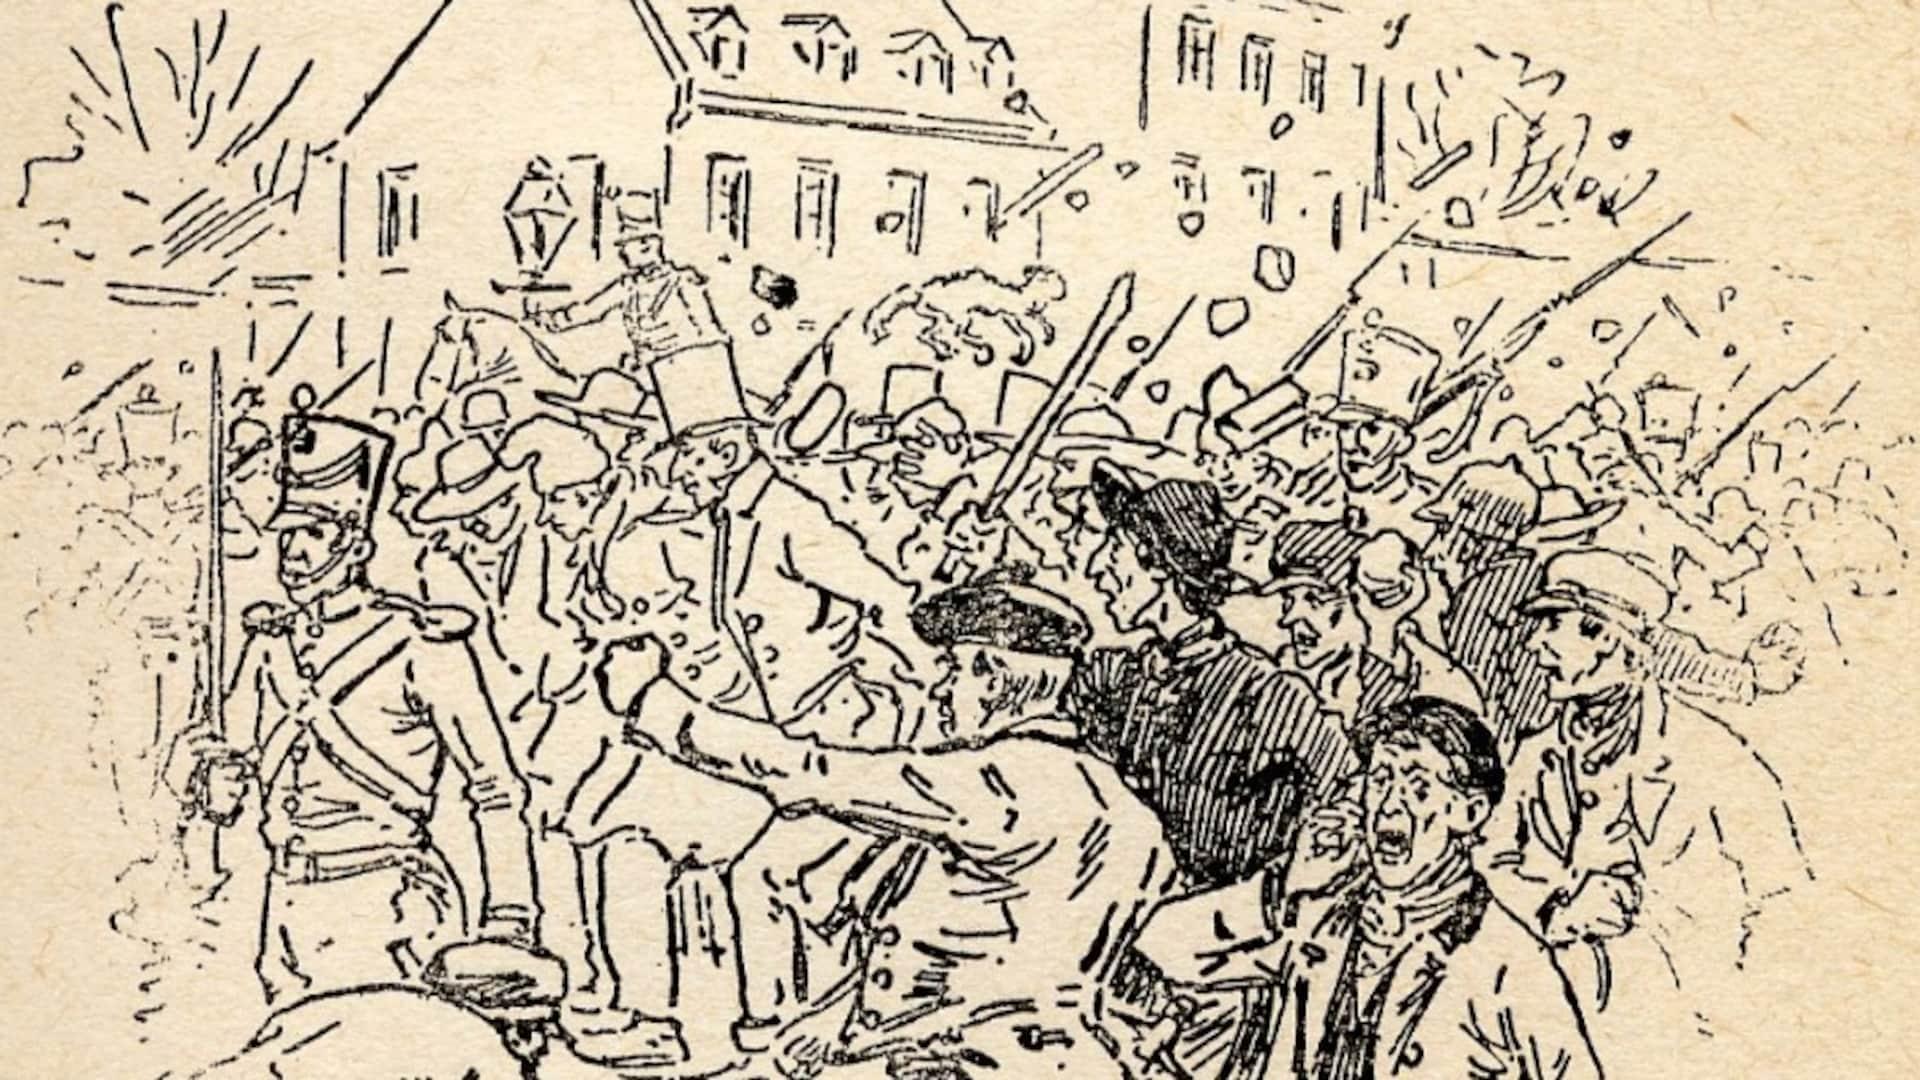 Des émeutiers crient leur colère et lancent des pierres alors que des soldats peinent à les contenir.